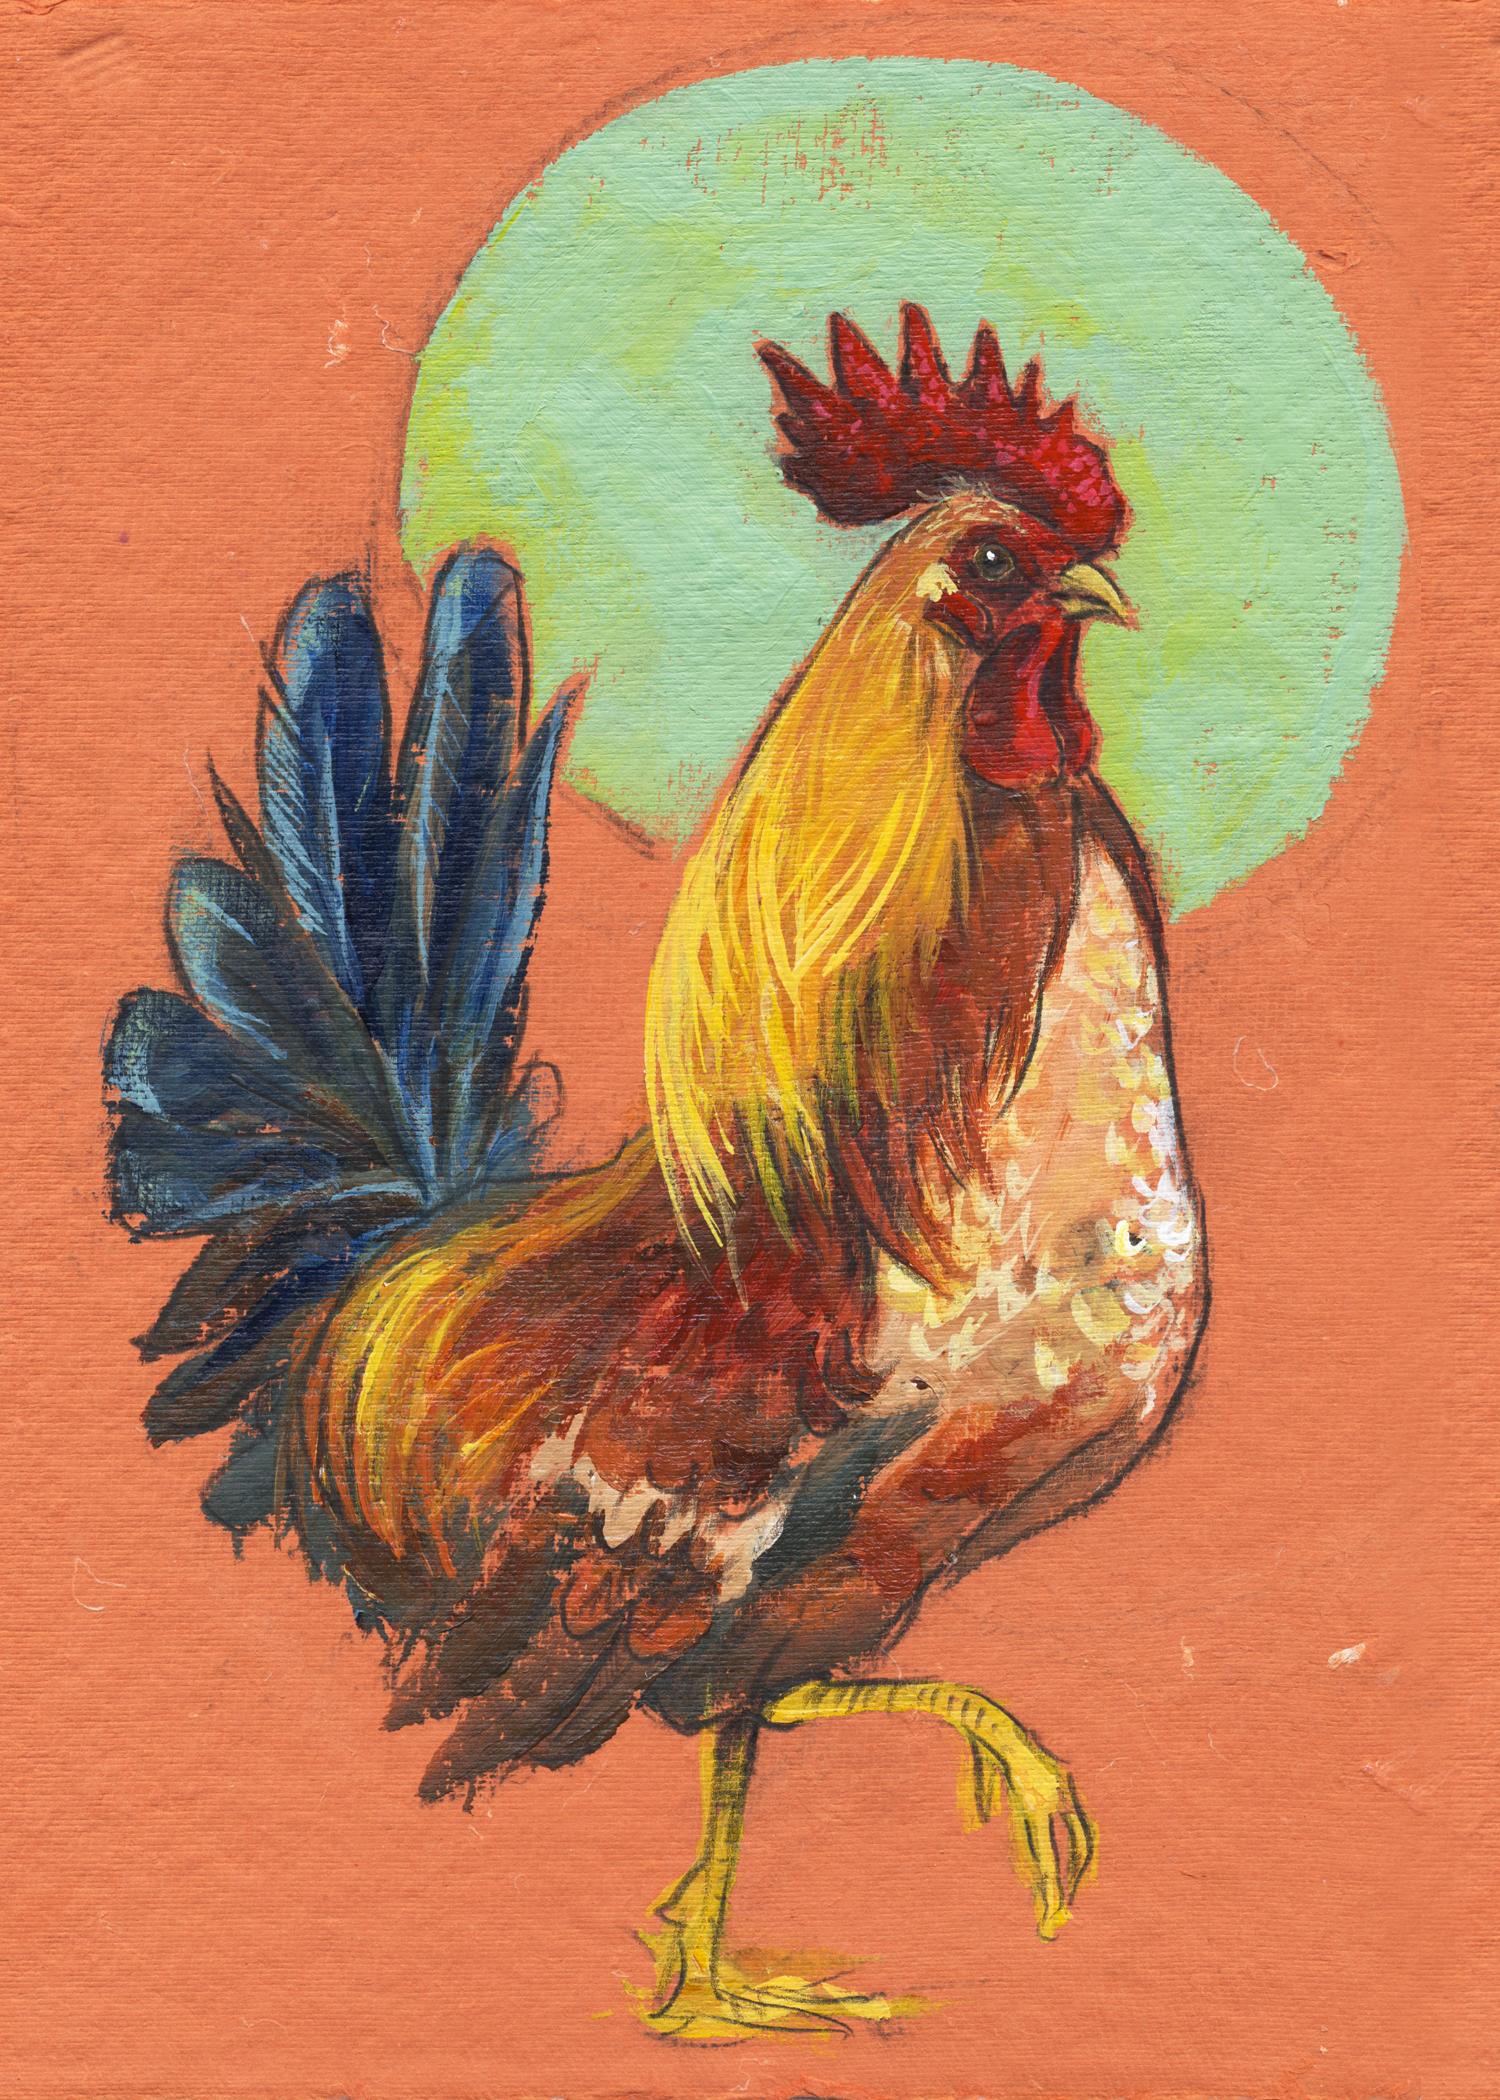 orangechicken5x7.jpg